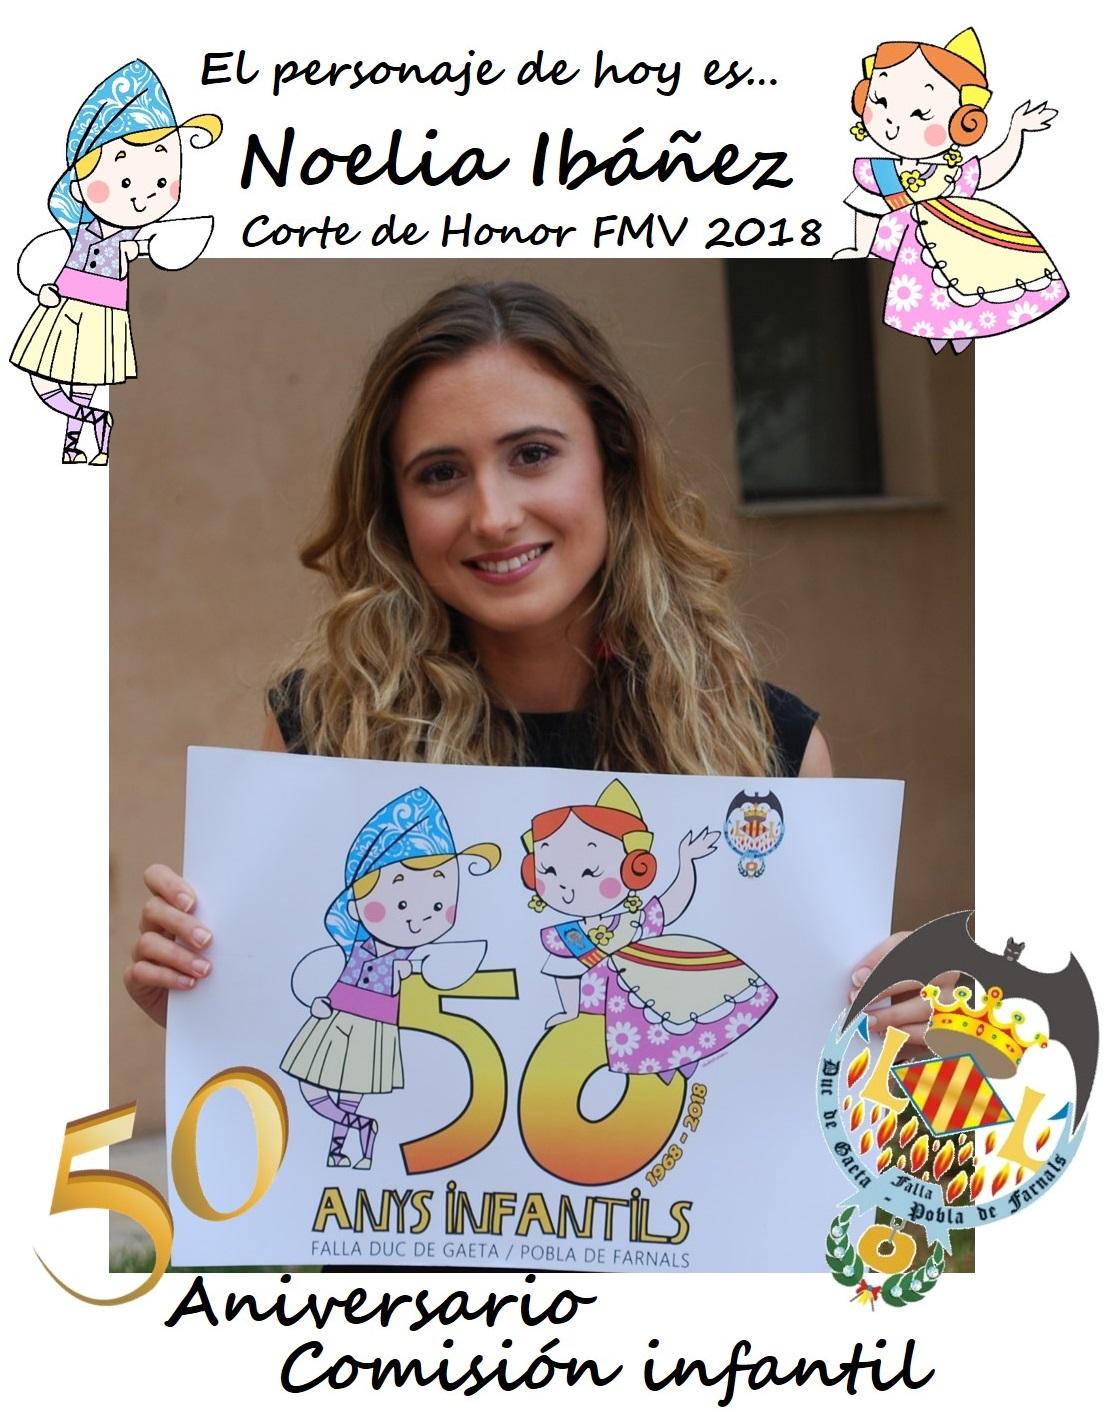 Personaje del día: Noelia Ibañez